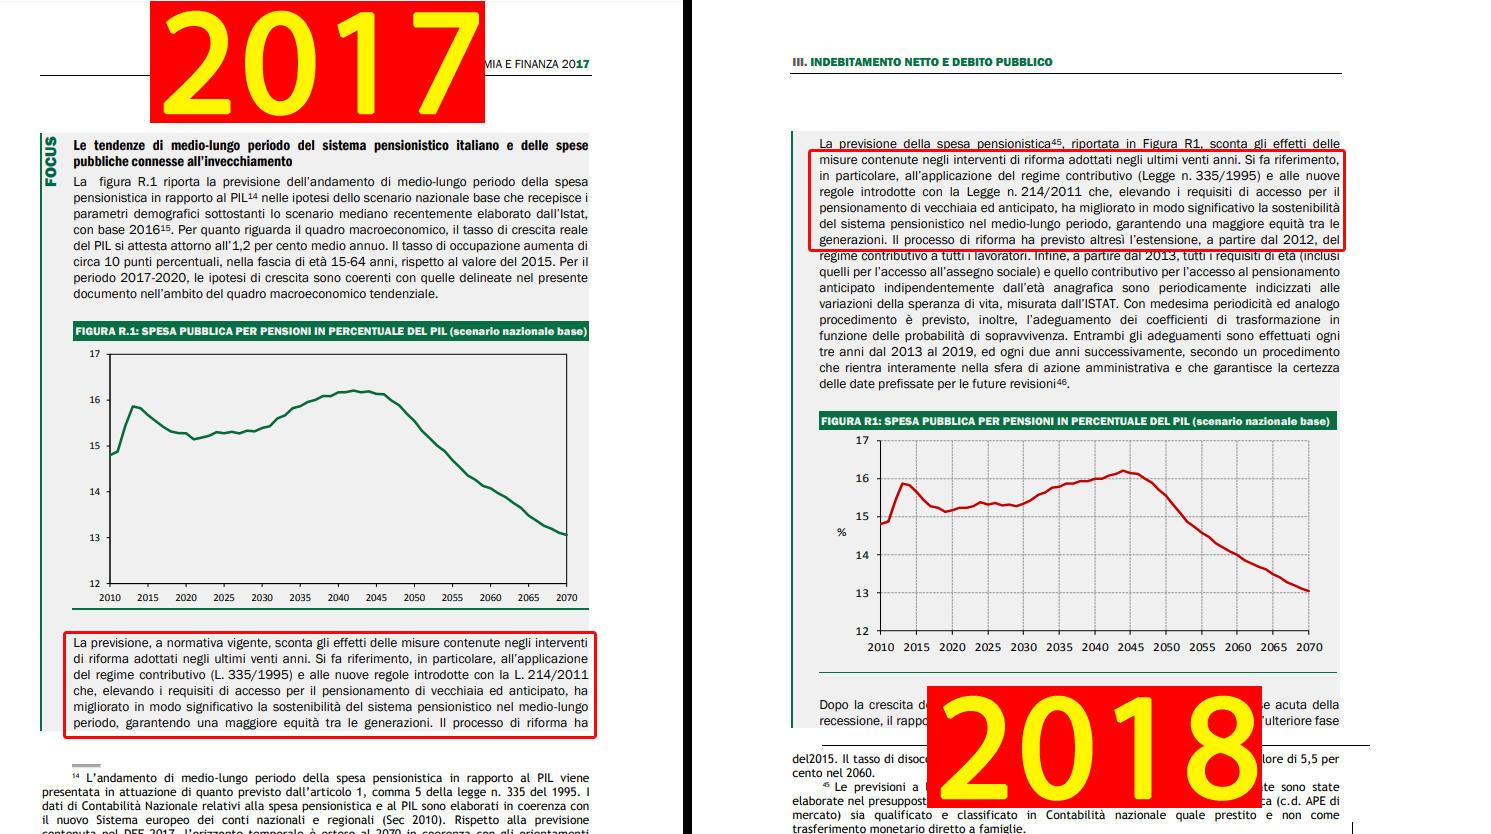 Legge Fornero, il confronto tra il Def 2017e 2018